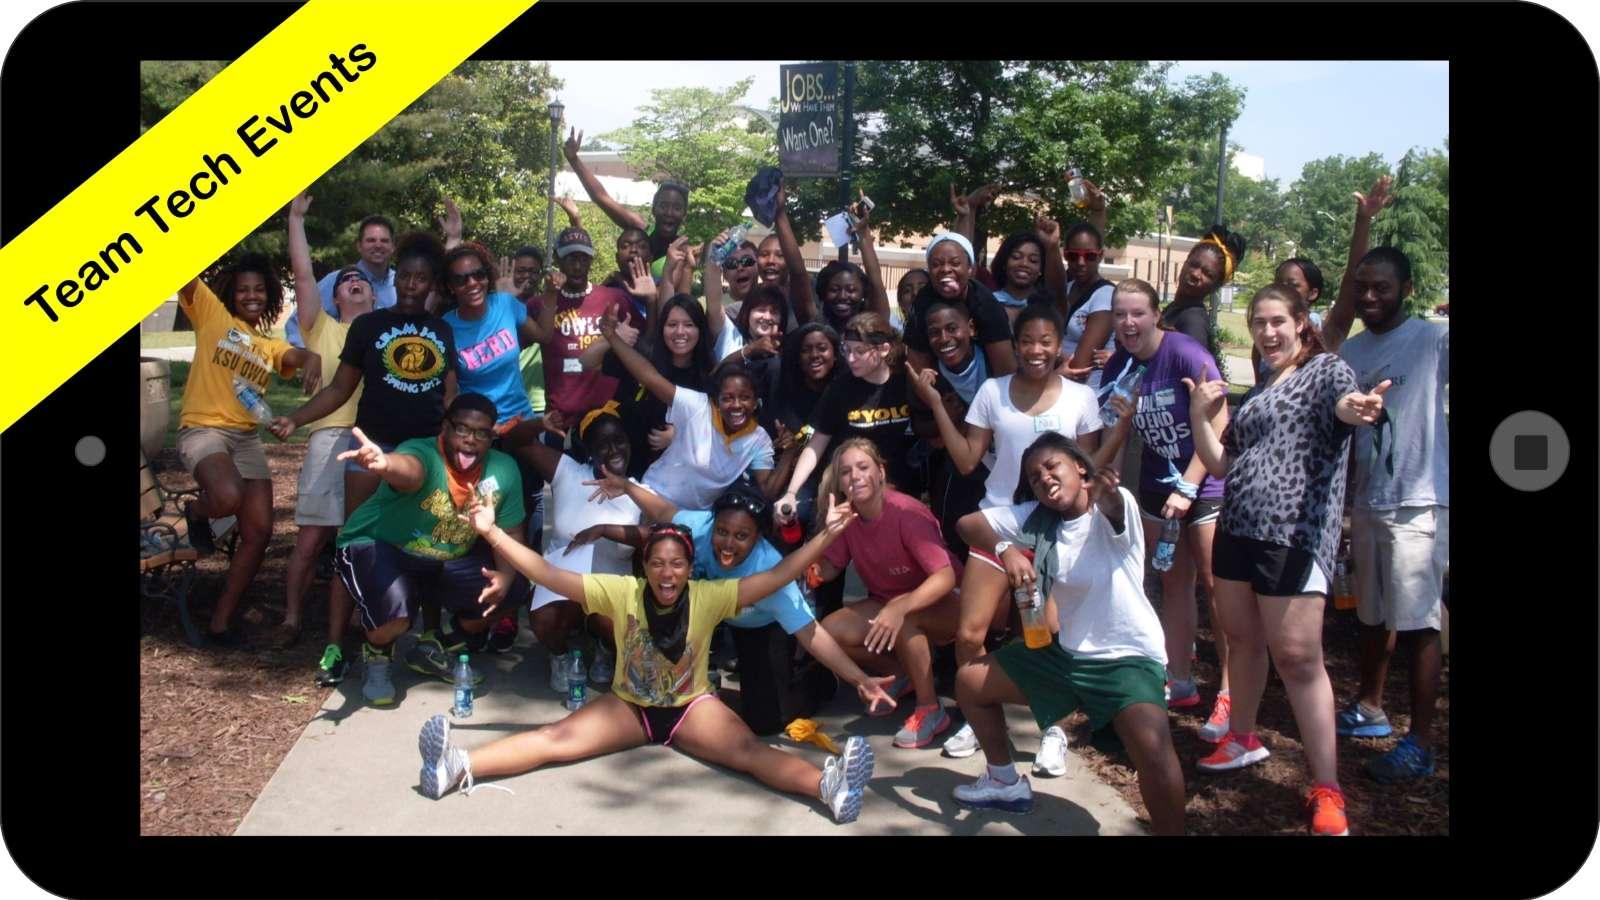 College students celebrating after campus scavenger hunt